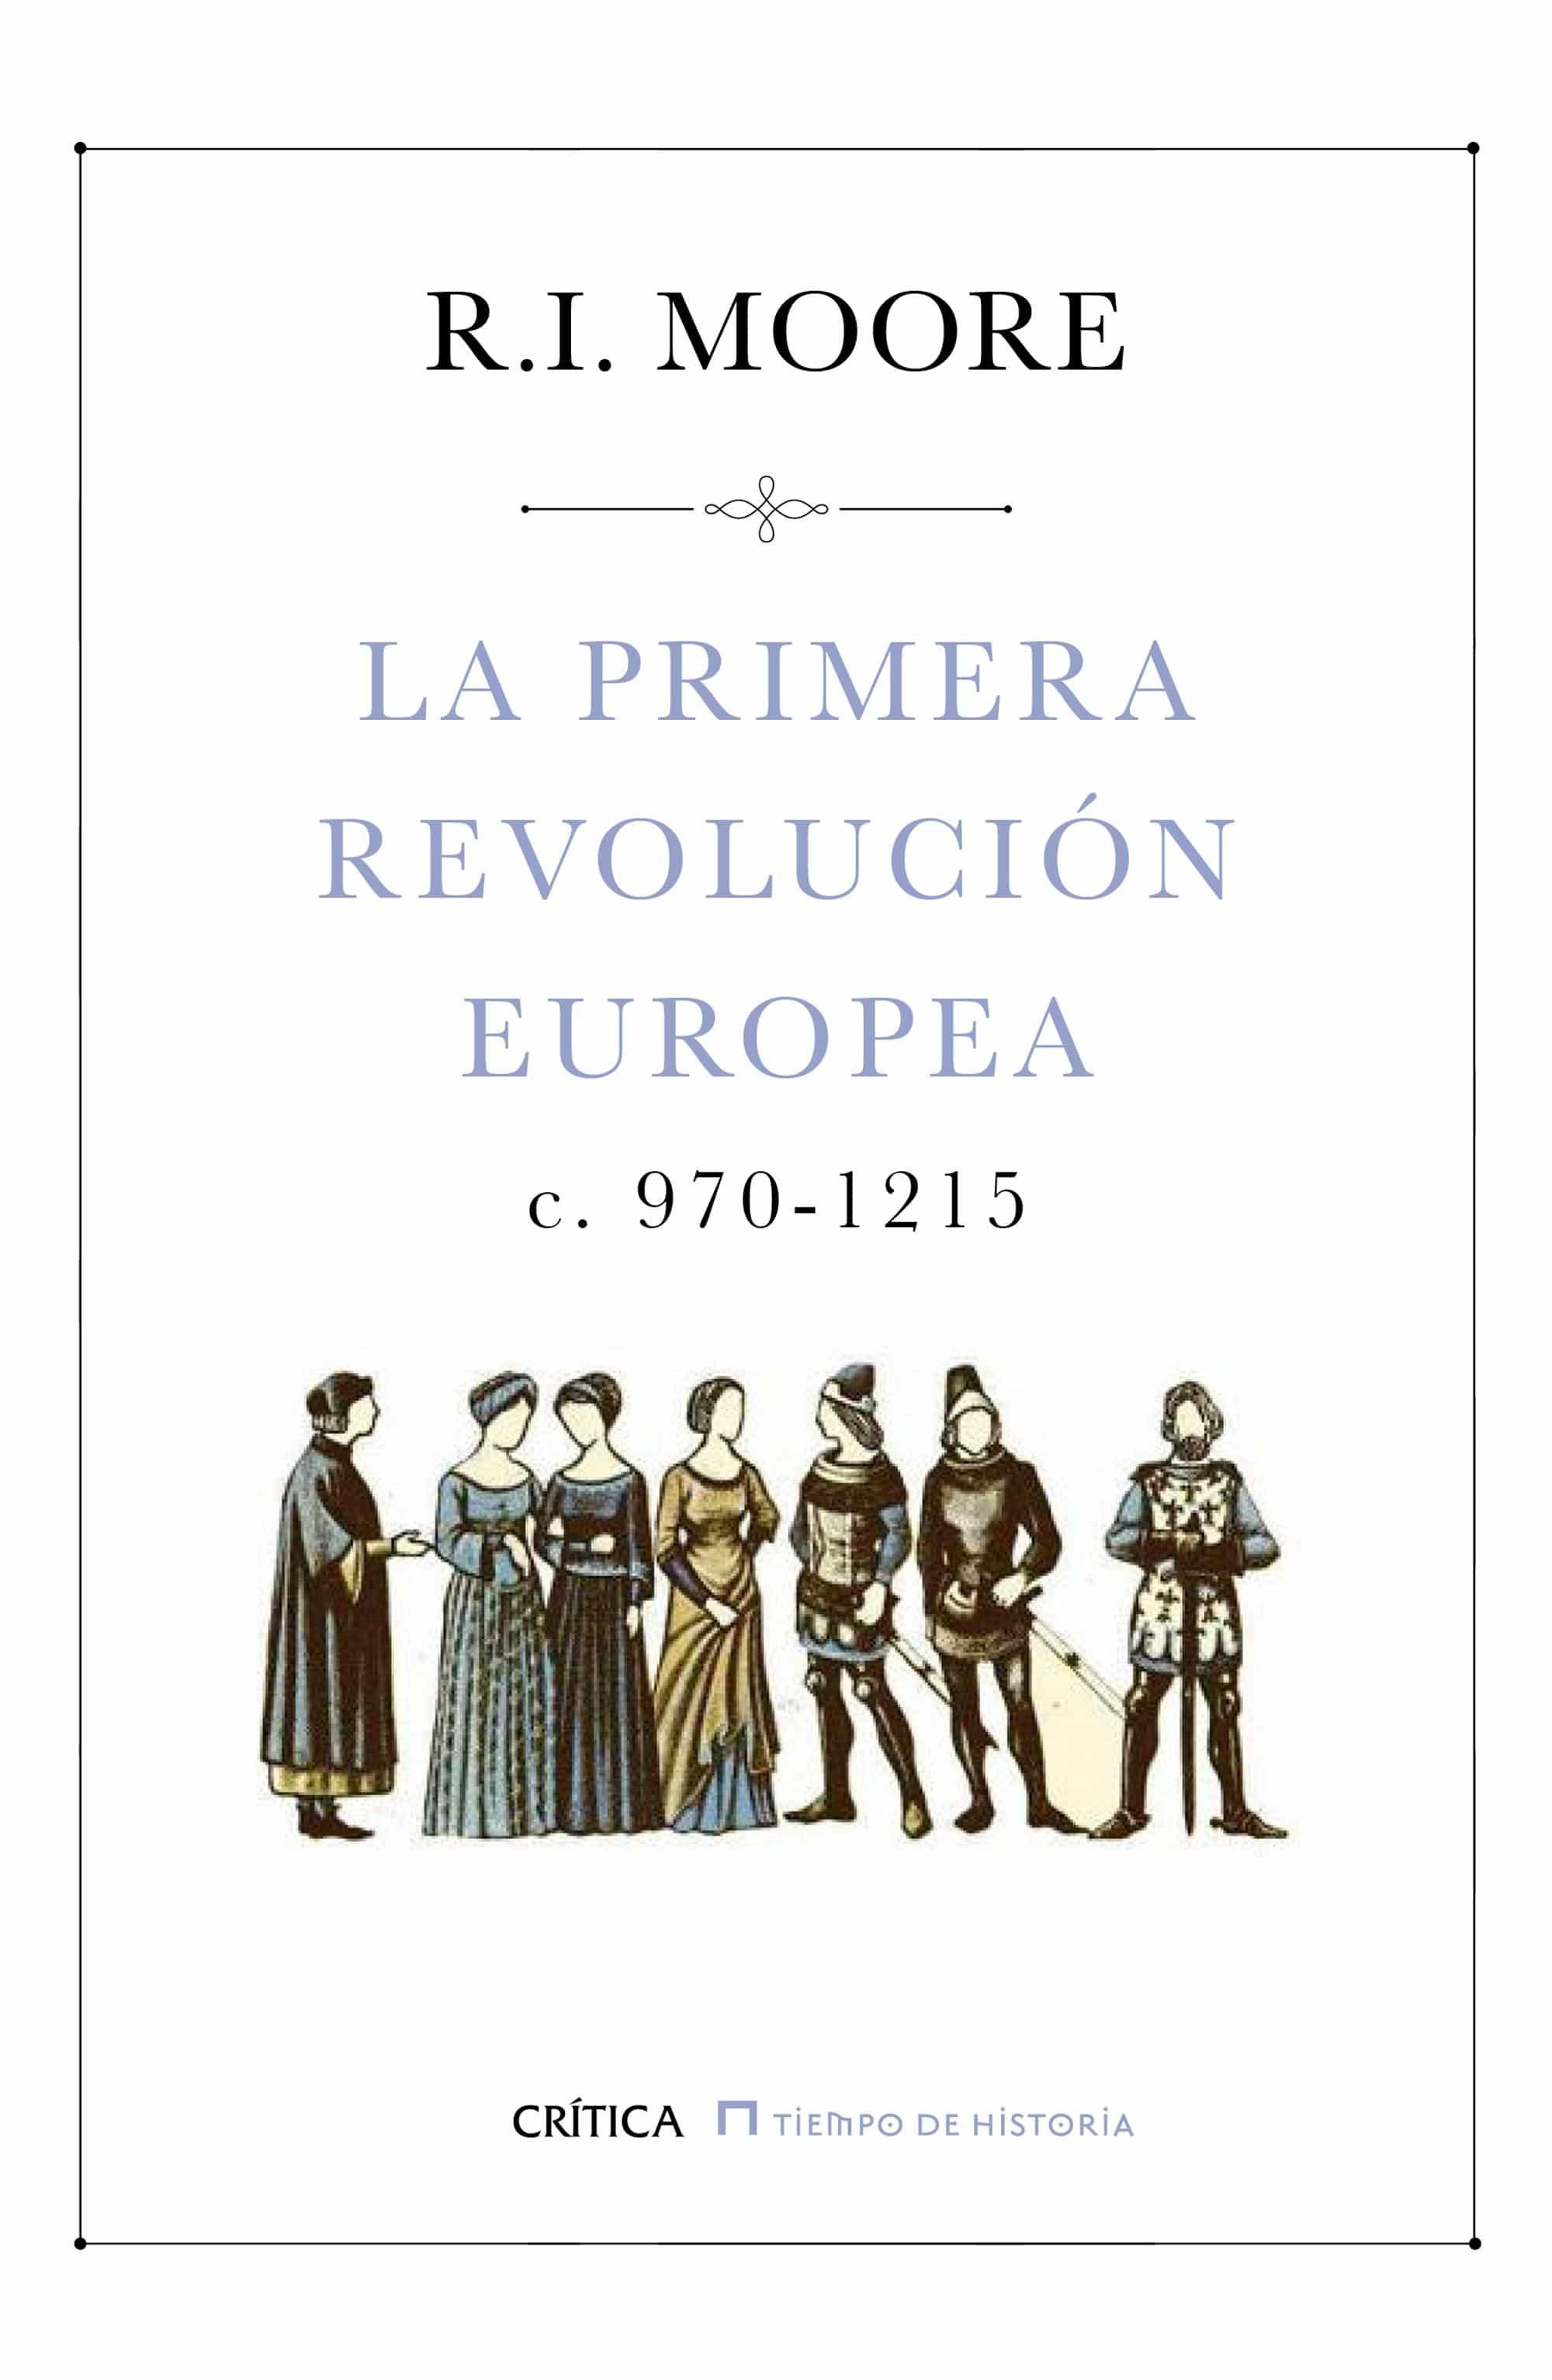 La Primera Revolucion Europea (c. 970-1215) por R.i. Moore